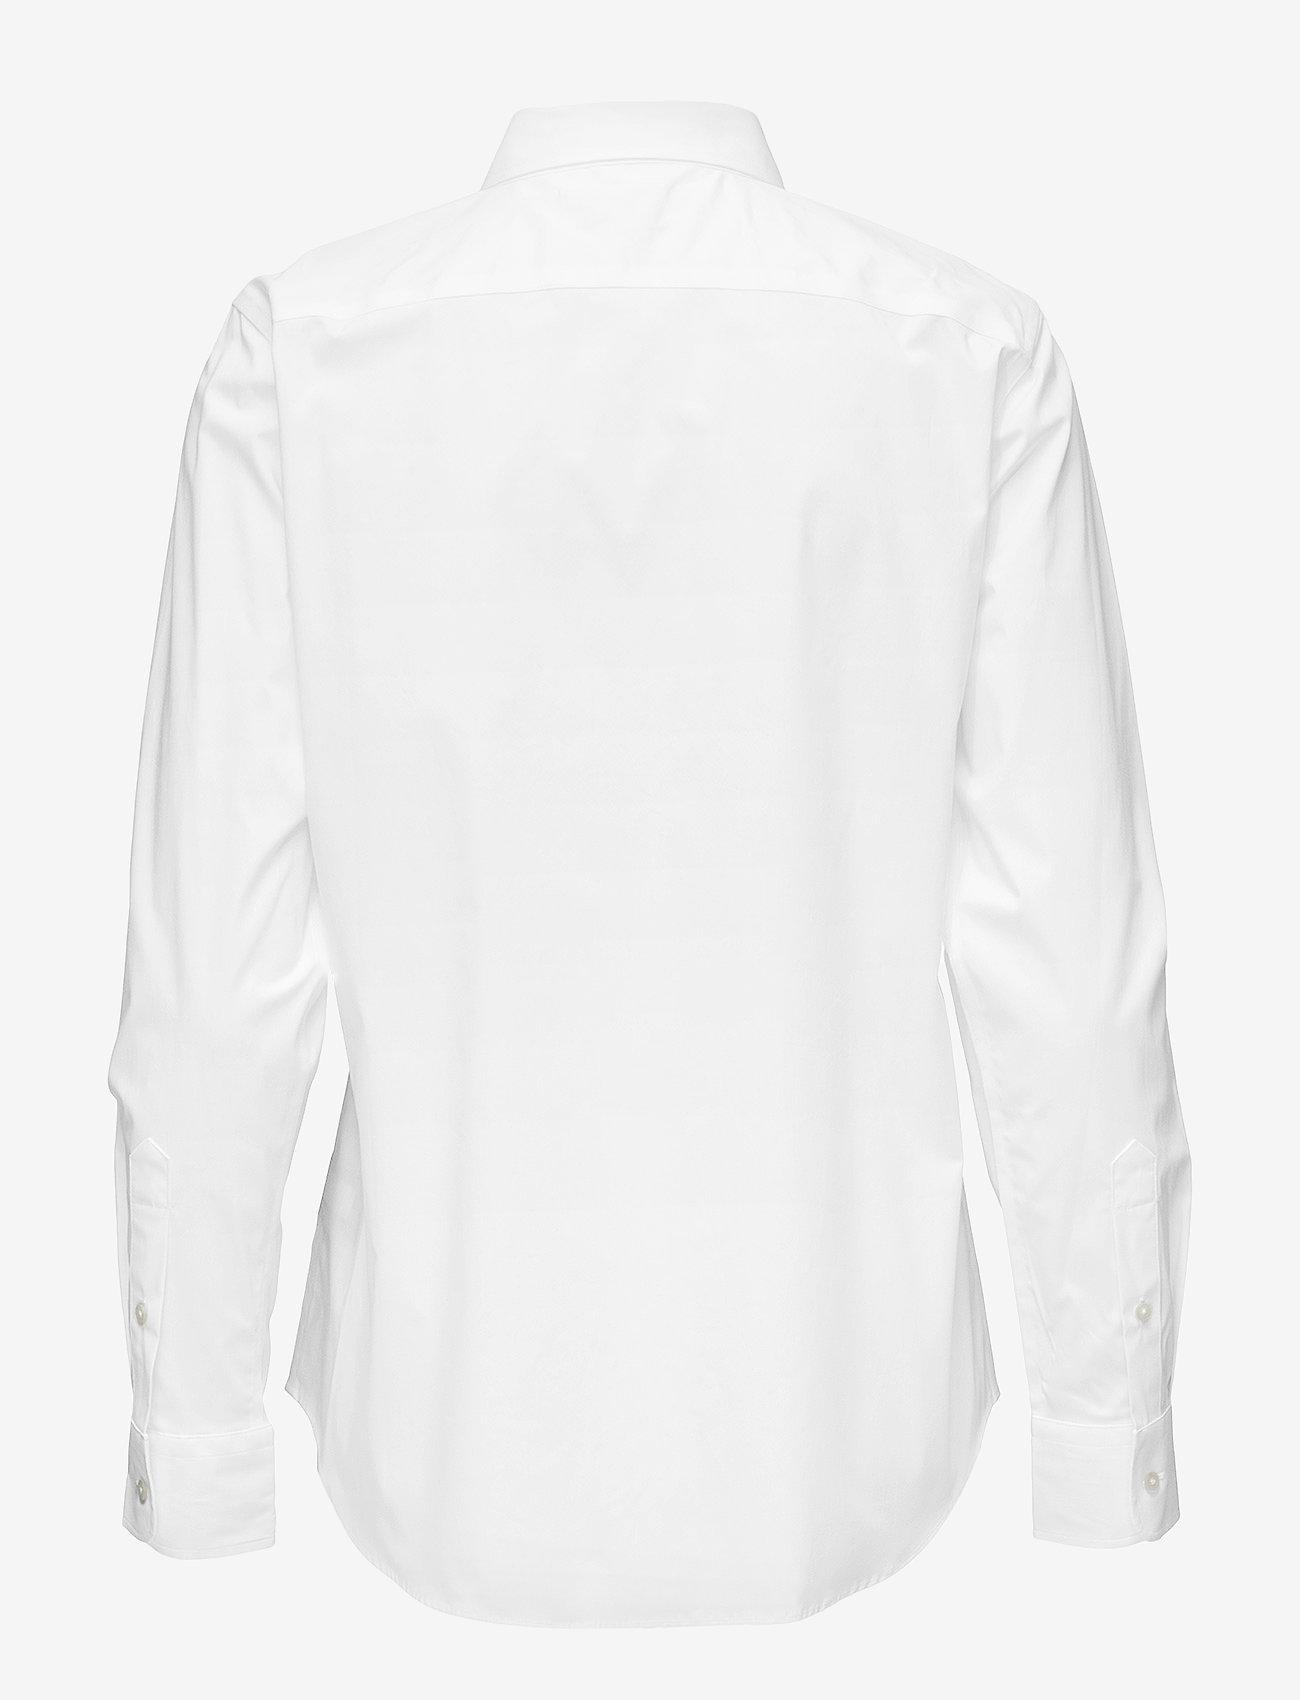 No-iron Button-down Shirt (White) - Lauren Ralph Lauren A4s8X0